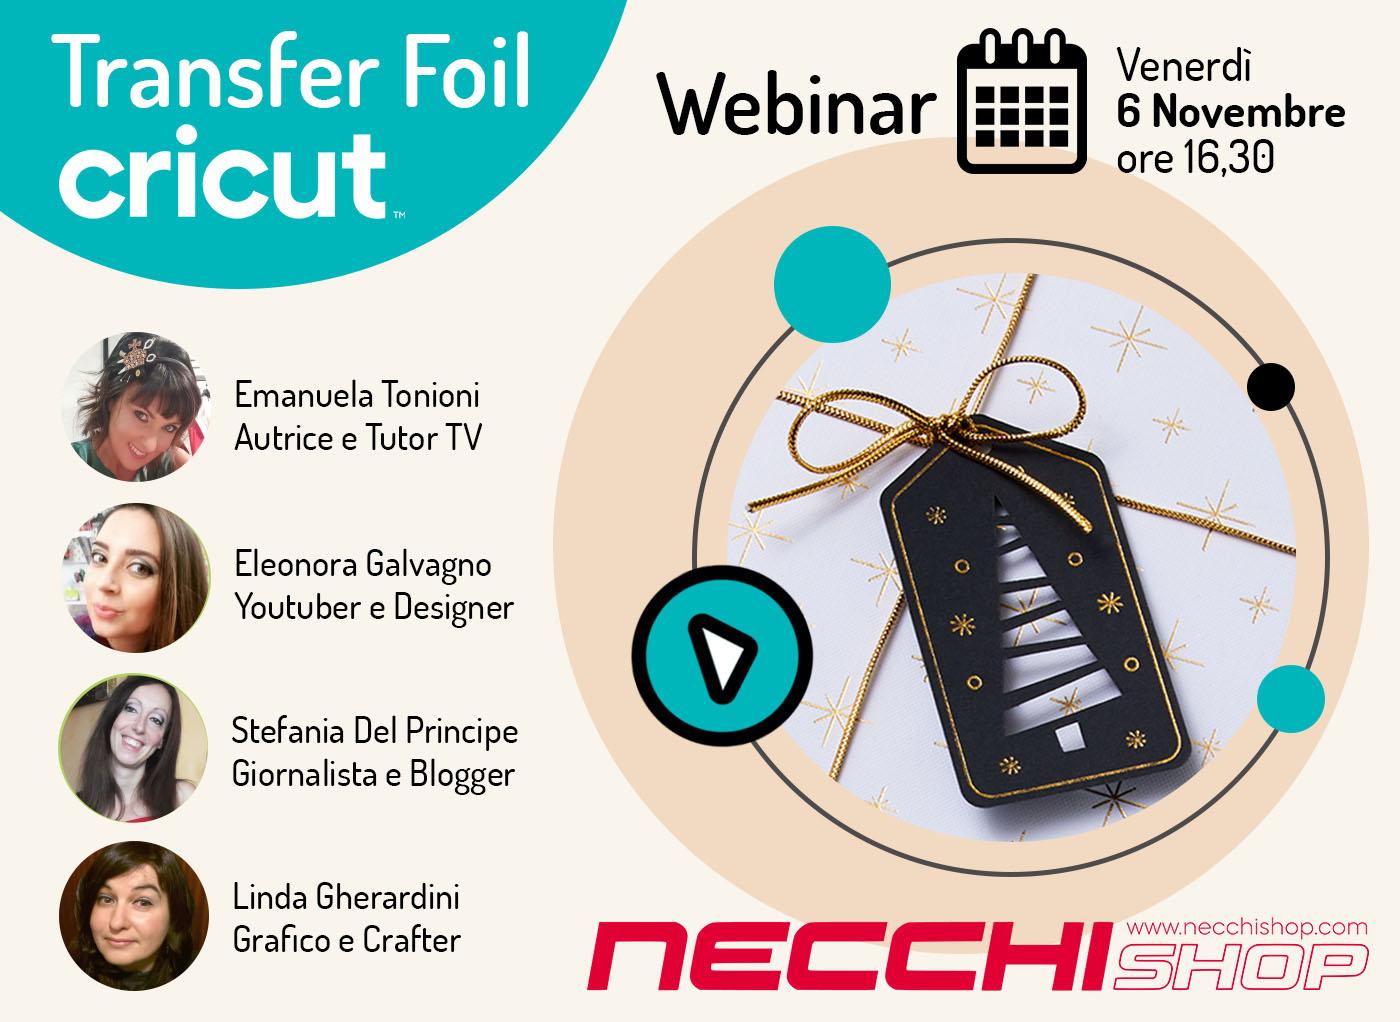 Webinar Transfer Foil